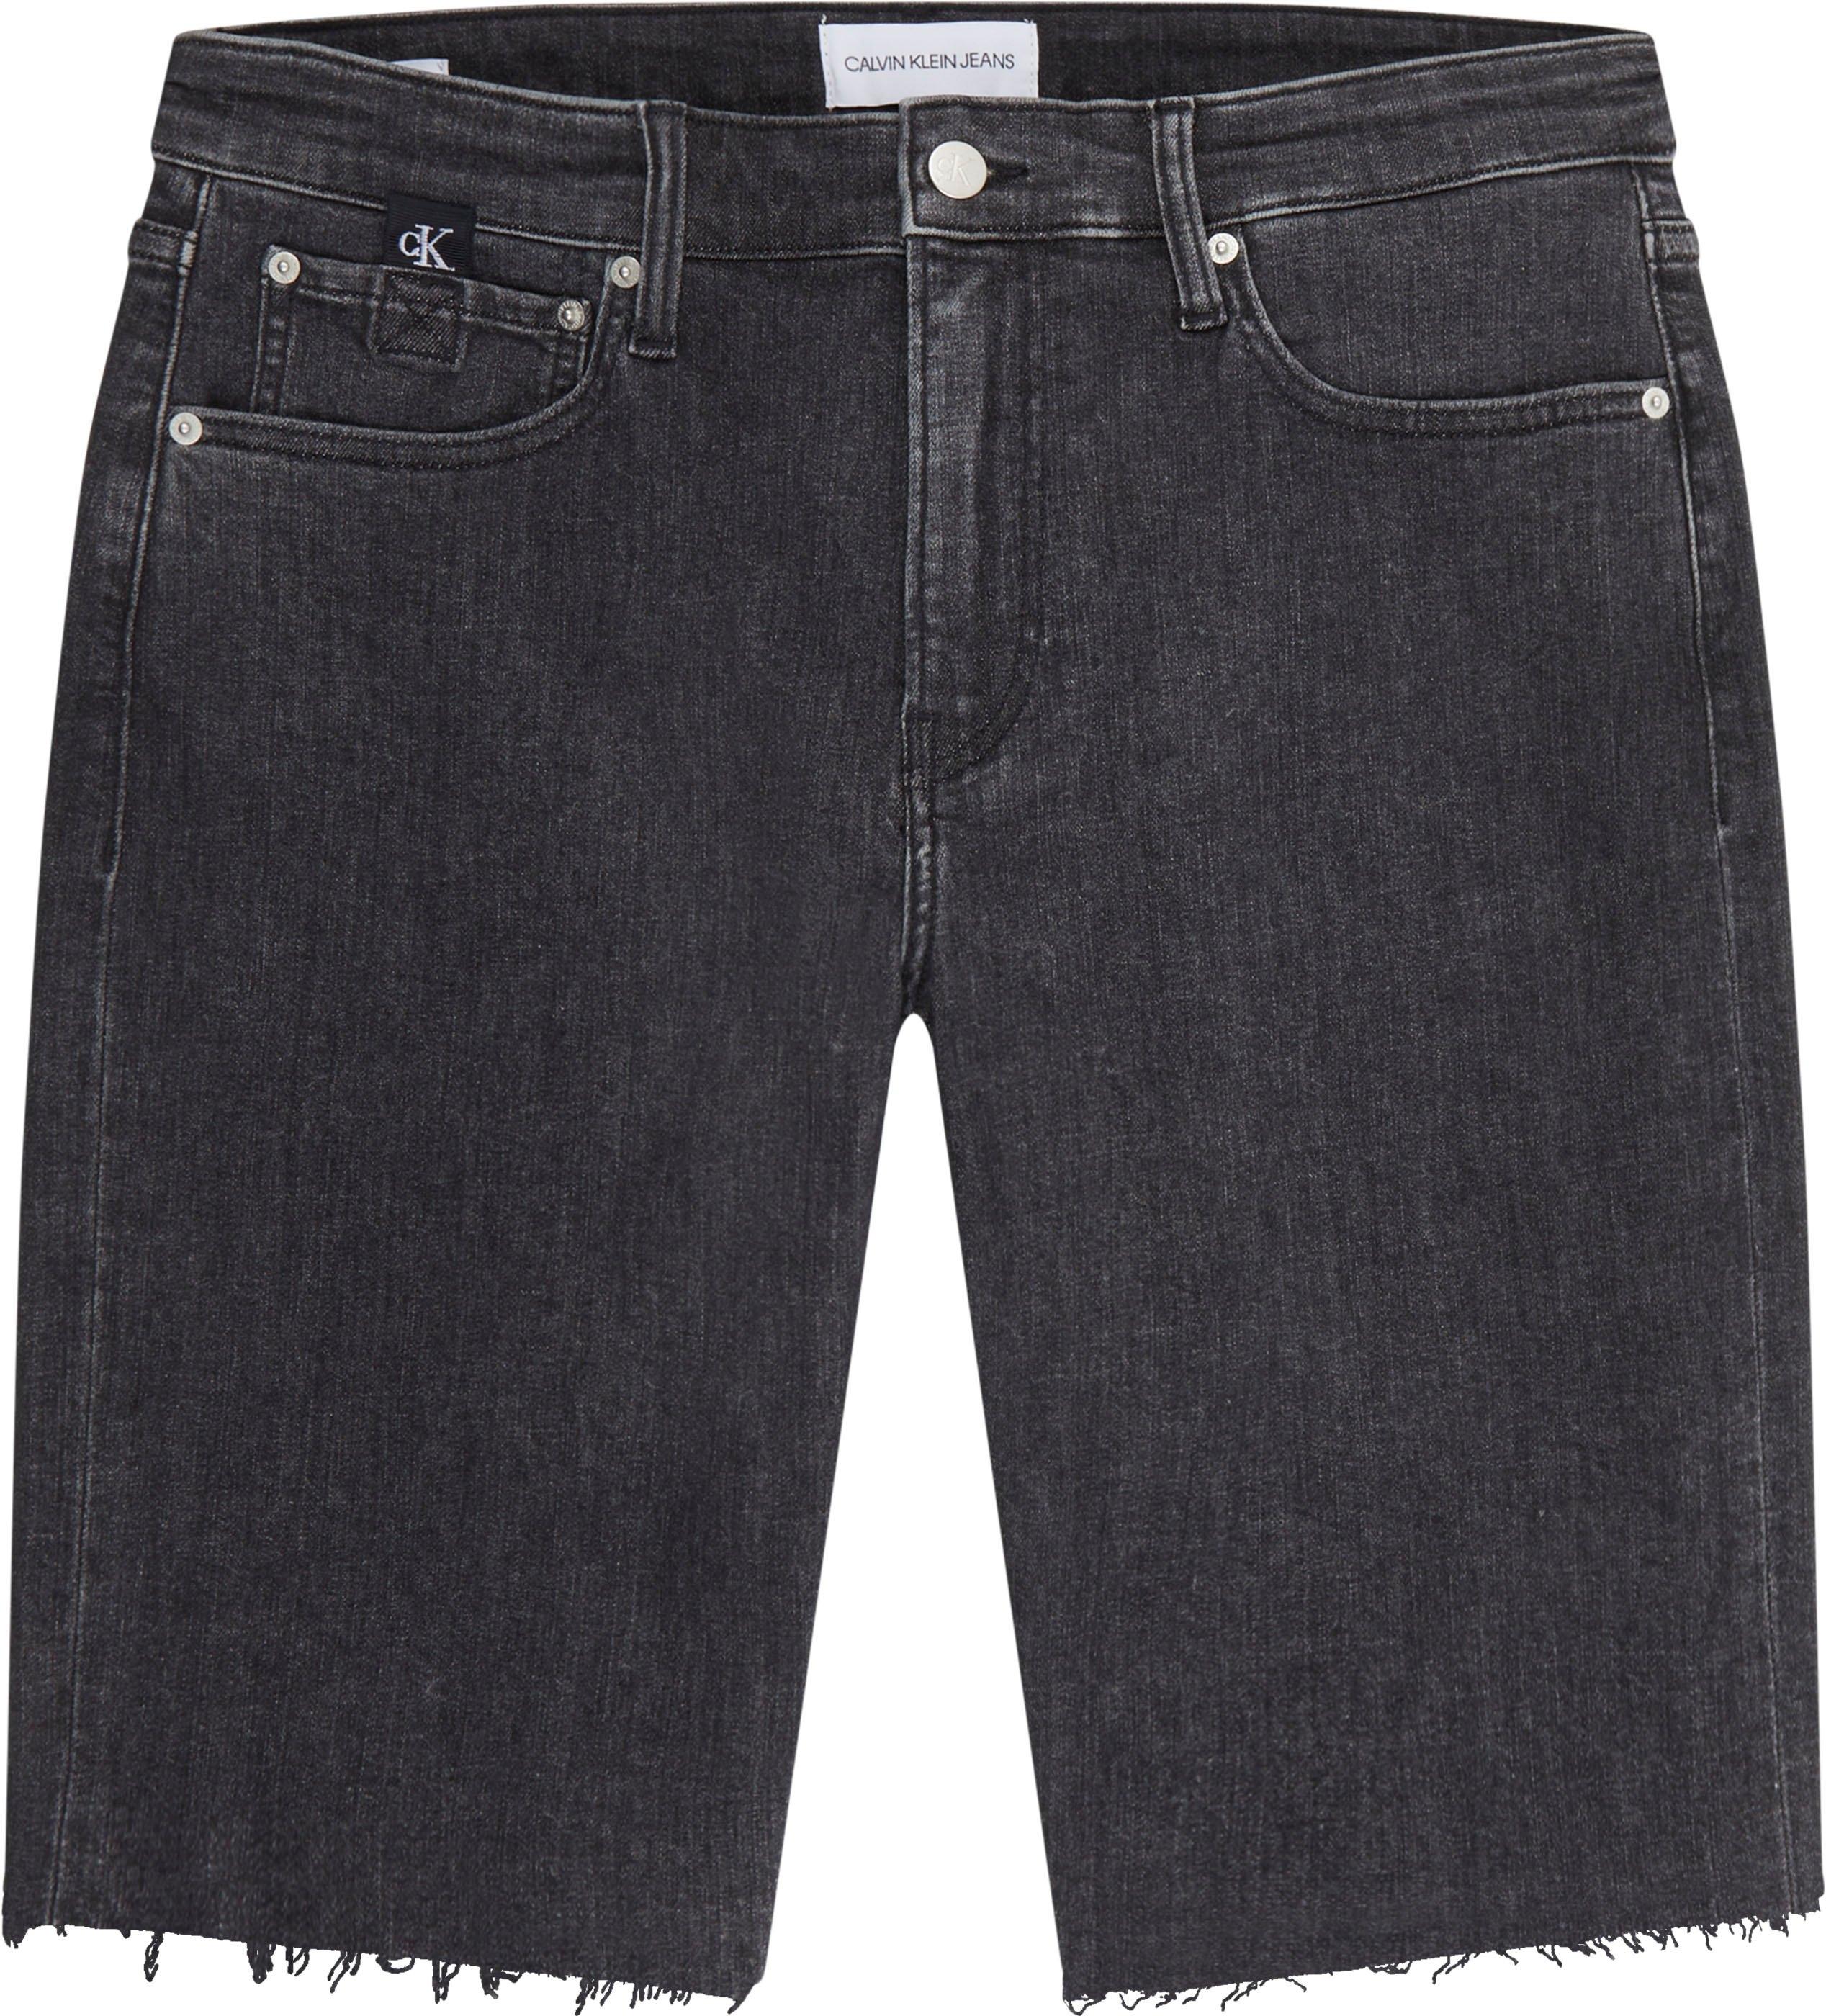 Calvin Klein jeansshort REGULAR SHORT bestellen: 30 dagen bedenktijd